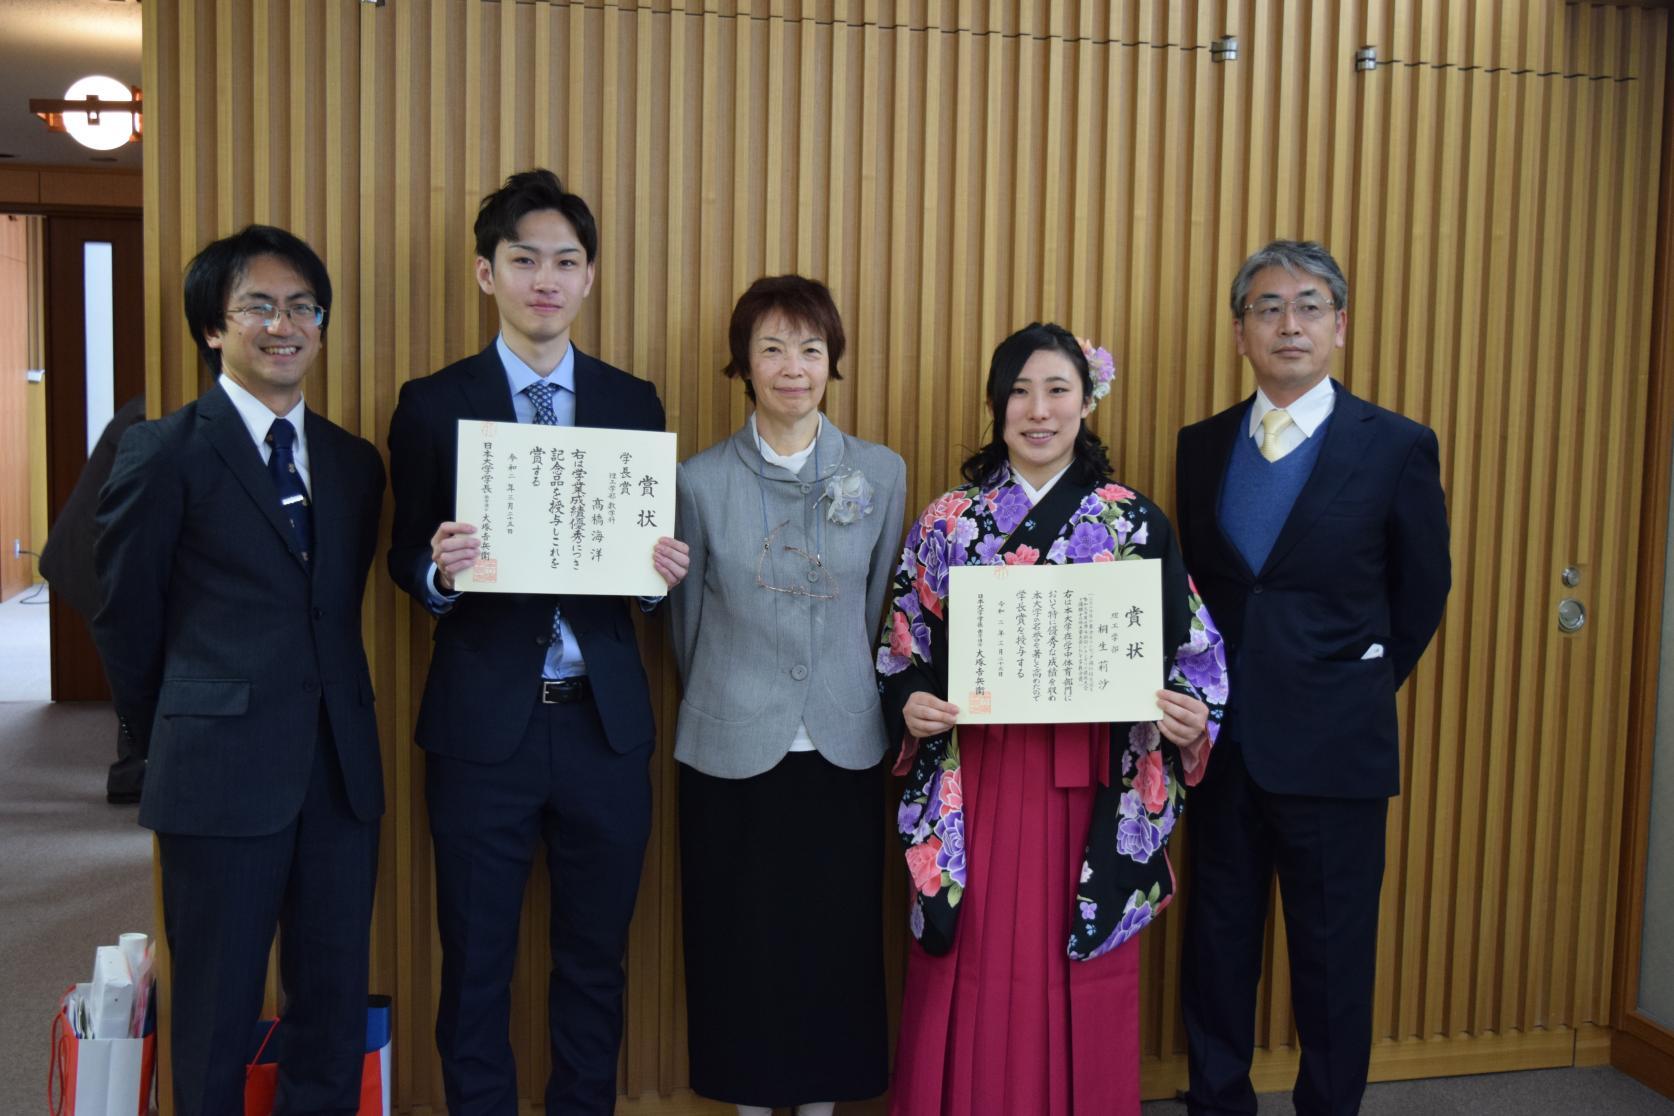 学長賞受賞の数学科 高橋海洋さん、物質応用化学科 桐生莉沙さんに、賞状及び記念品の贈呈が行われました。